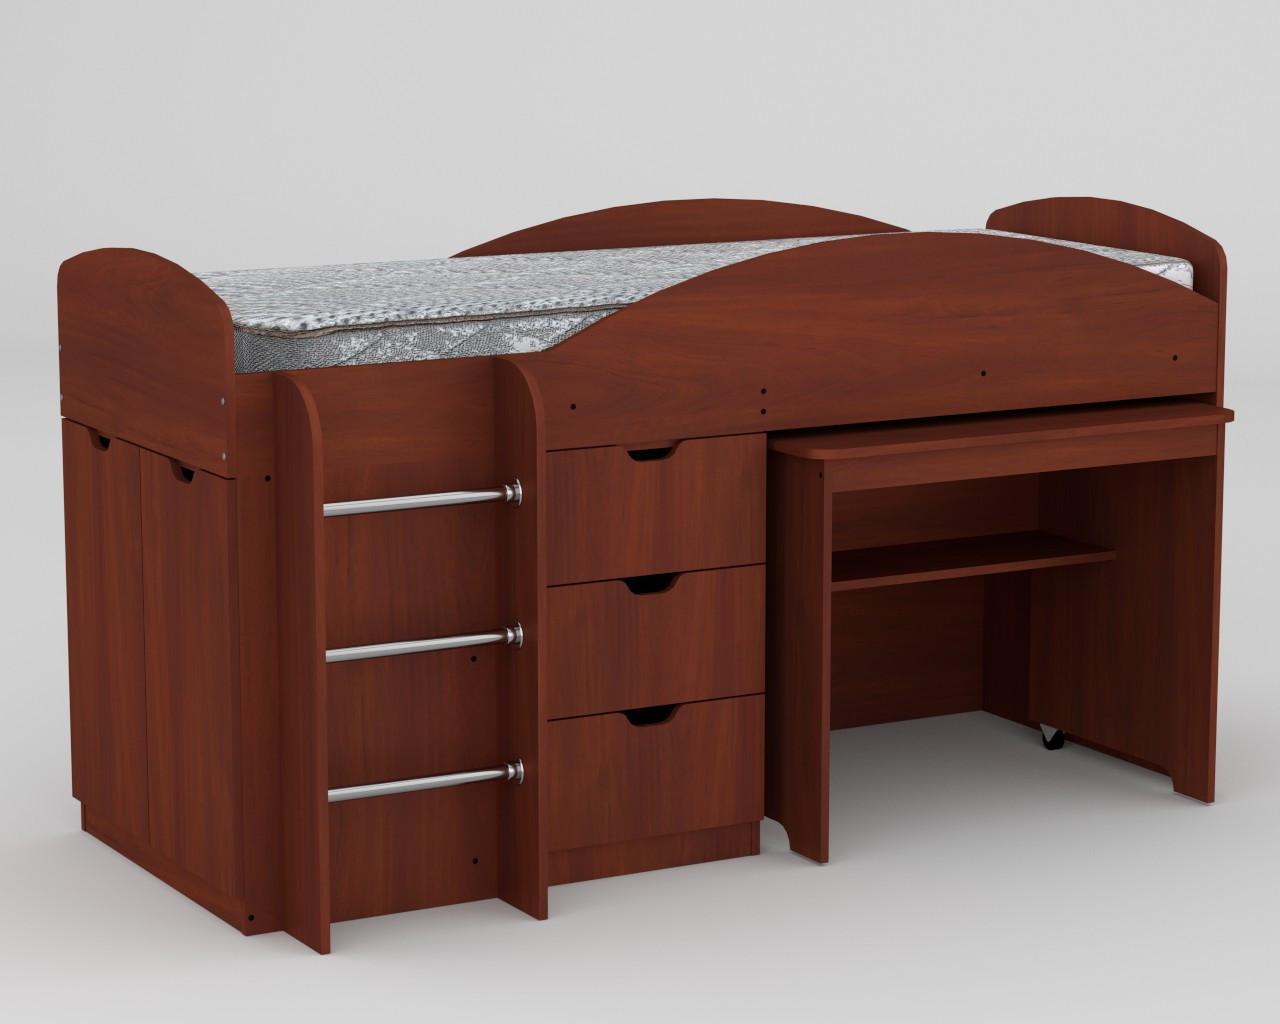 Кровать с матрасом ЭКО-52 Универсал яблоня компанит (194х89х106 см)